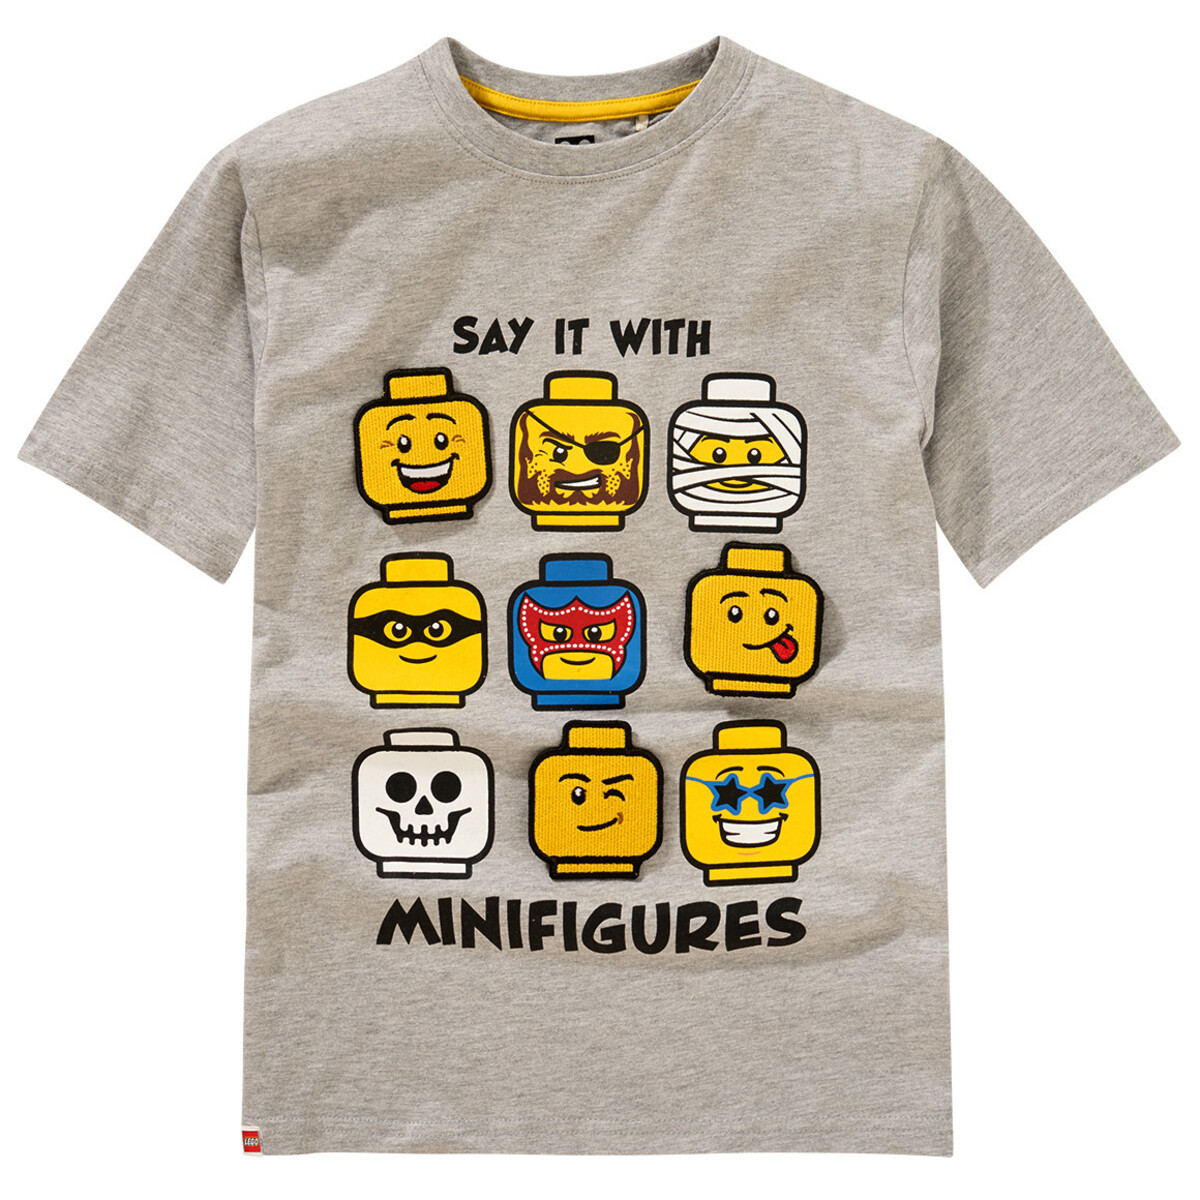 Bild 1 von LEGO T-Shirt mit Klettfiguren